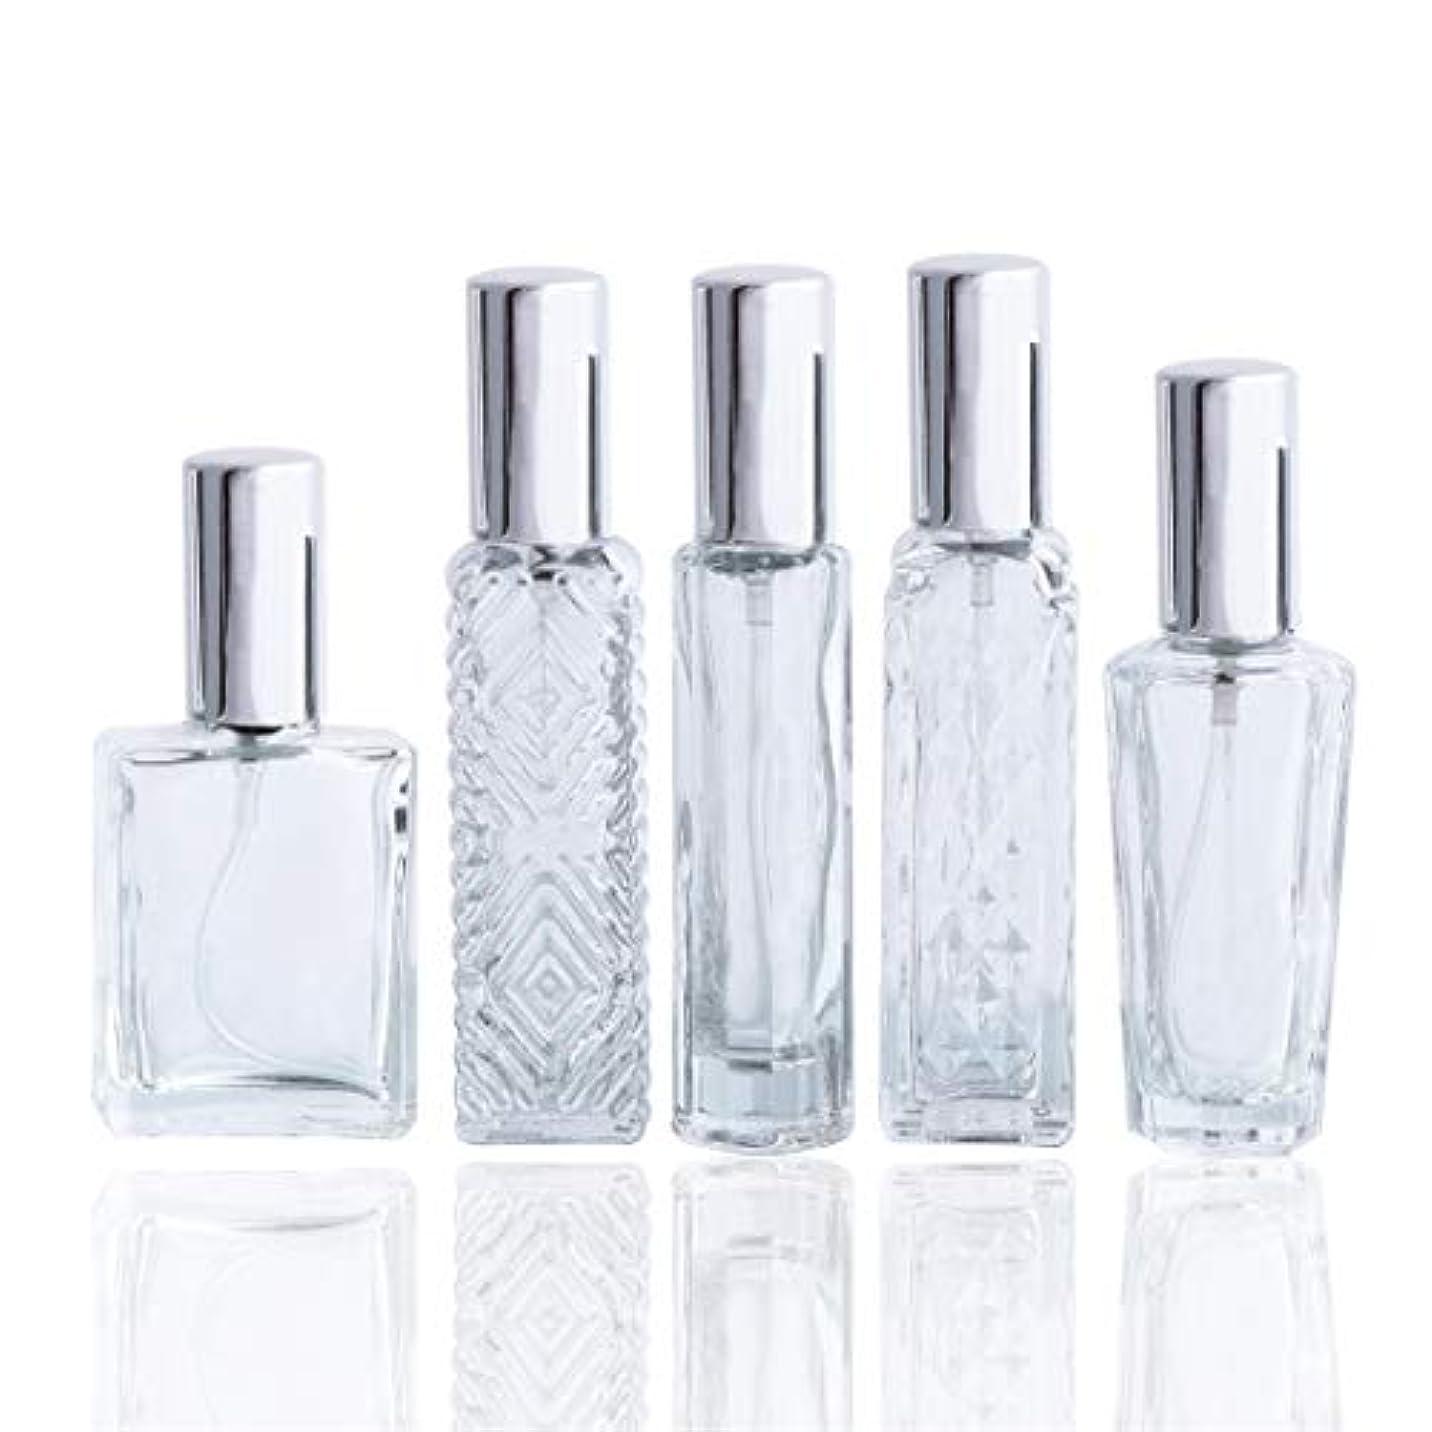 吐き出す北極圏異形Waltz&Fクリアガラススプレー香水瓶 空きフレグランスボトル詰替用瓶アトマイザー分け瓶 旅行用品 化粧水用瓶